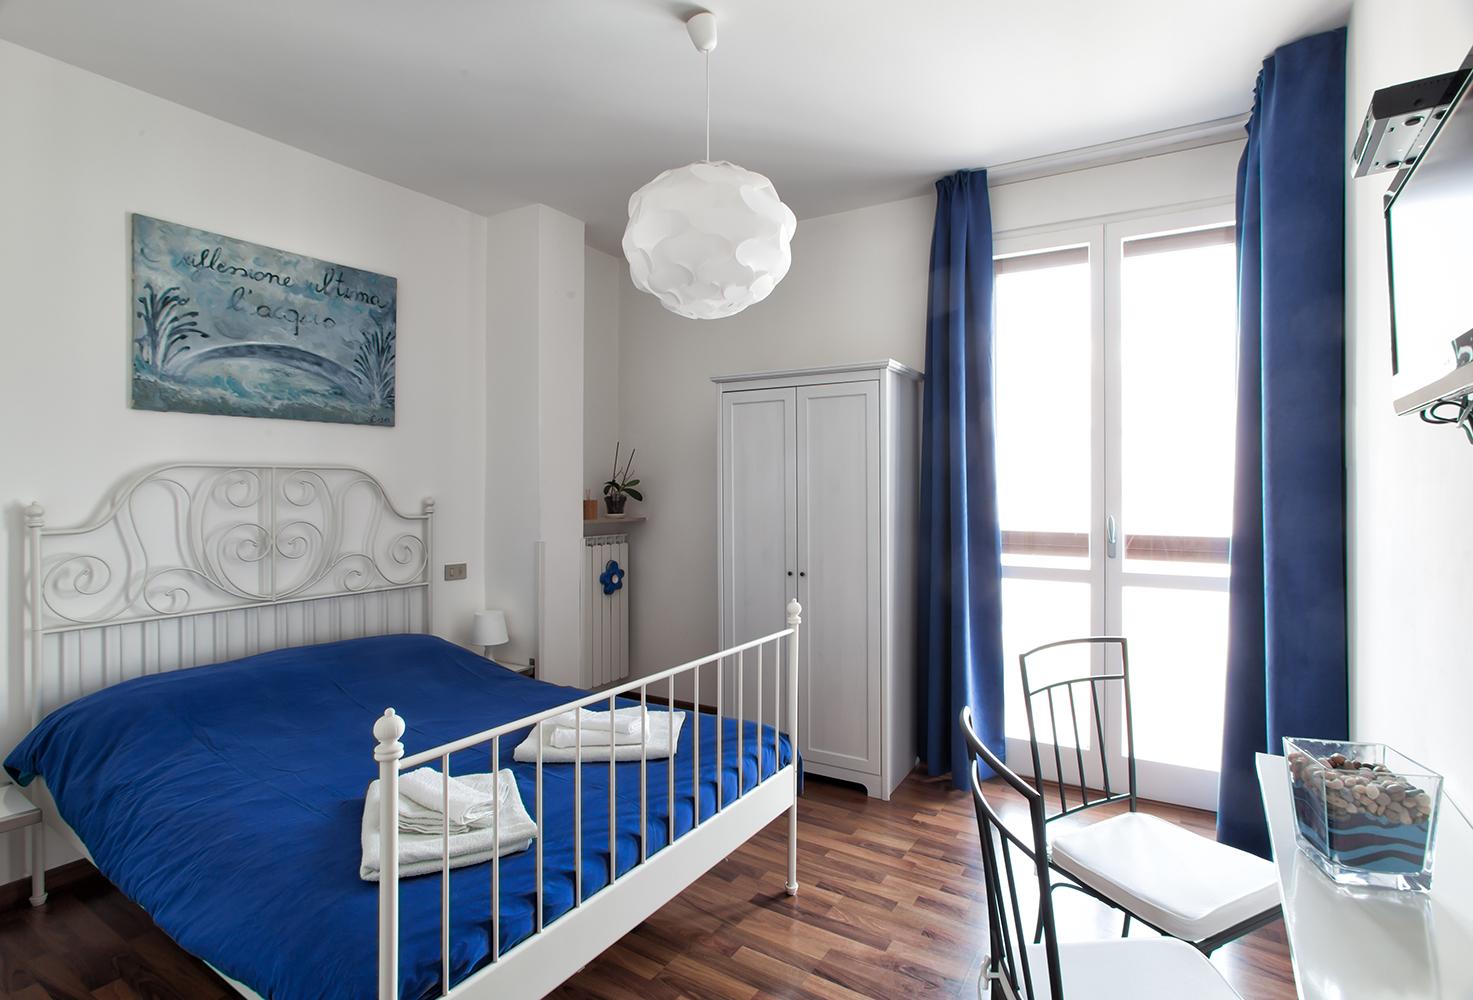 Letto Matrimoniale A Trieste.Zenzero Cannella Boutique Rooms